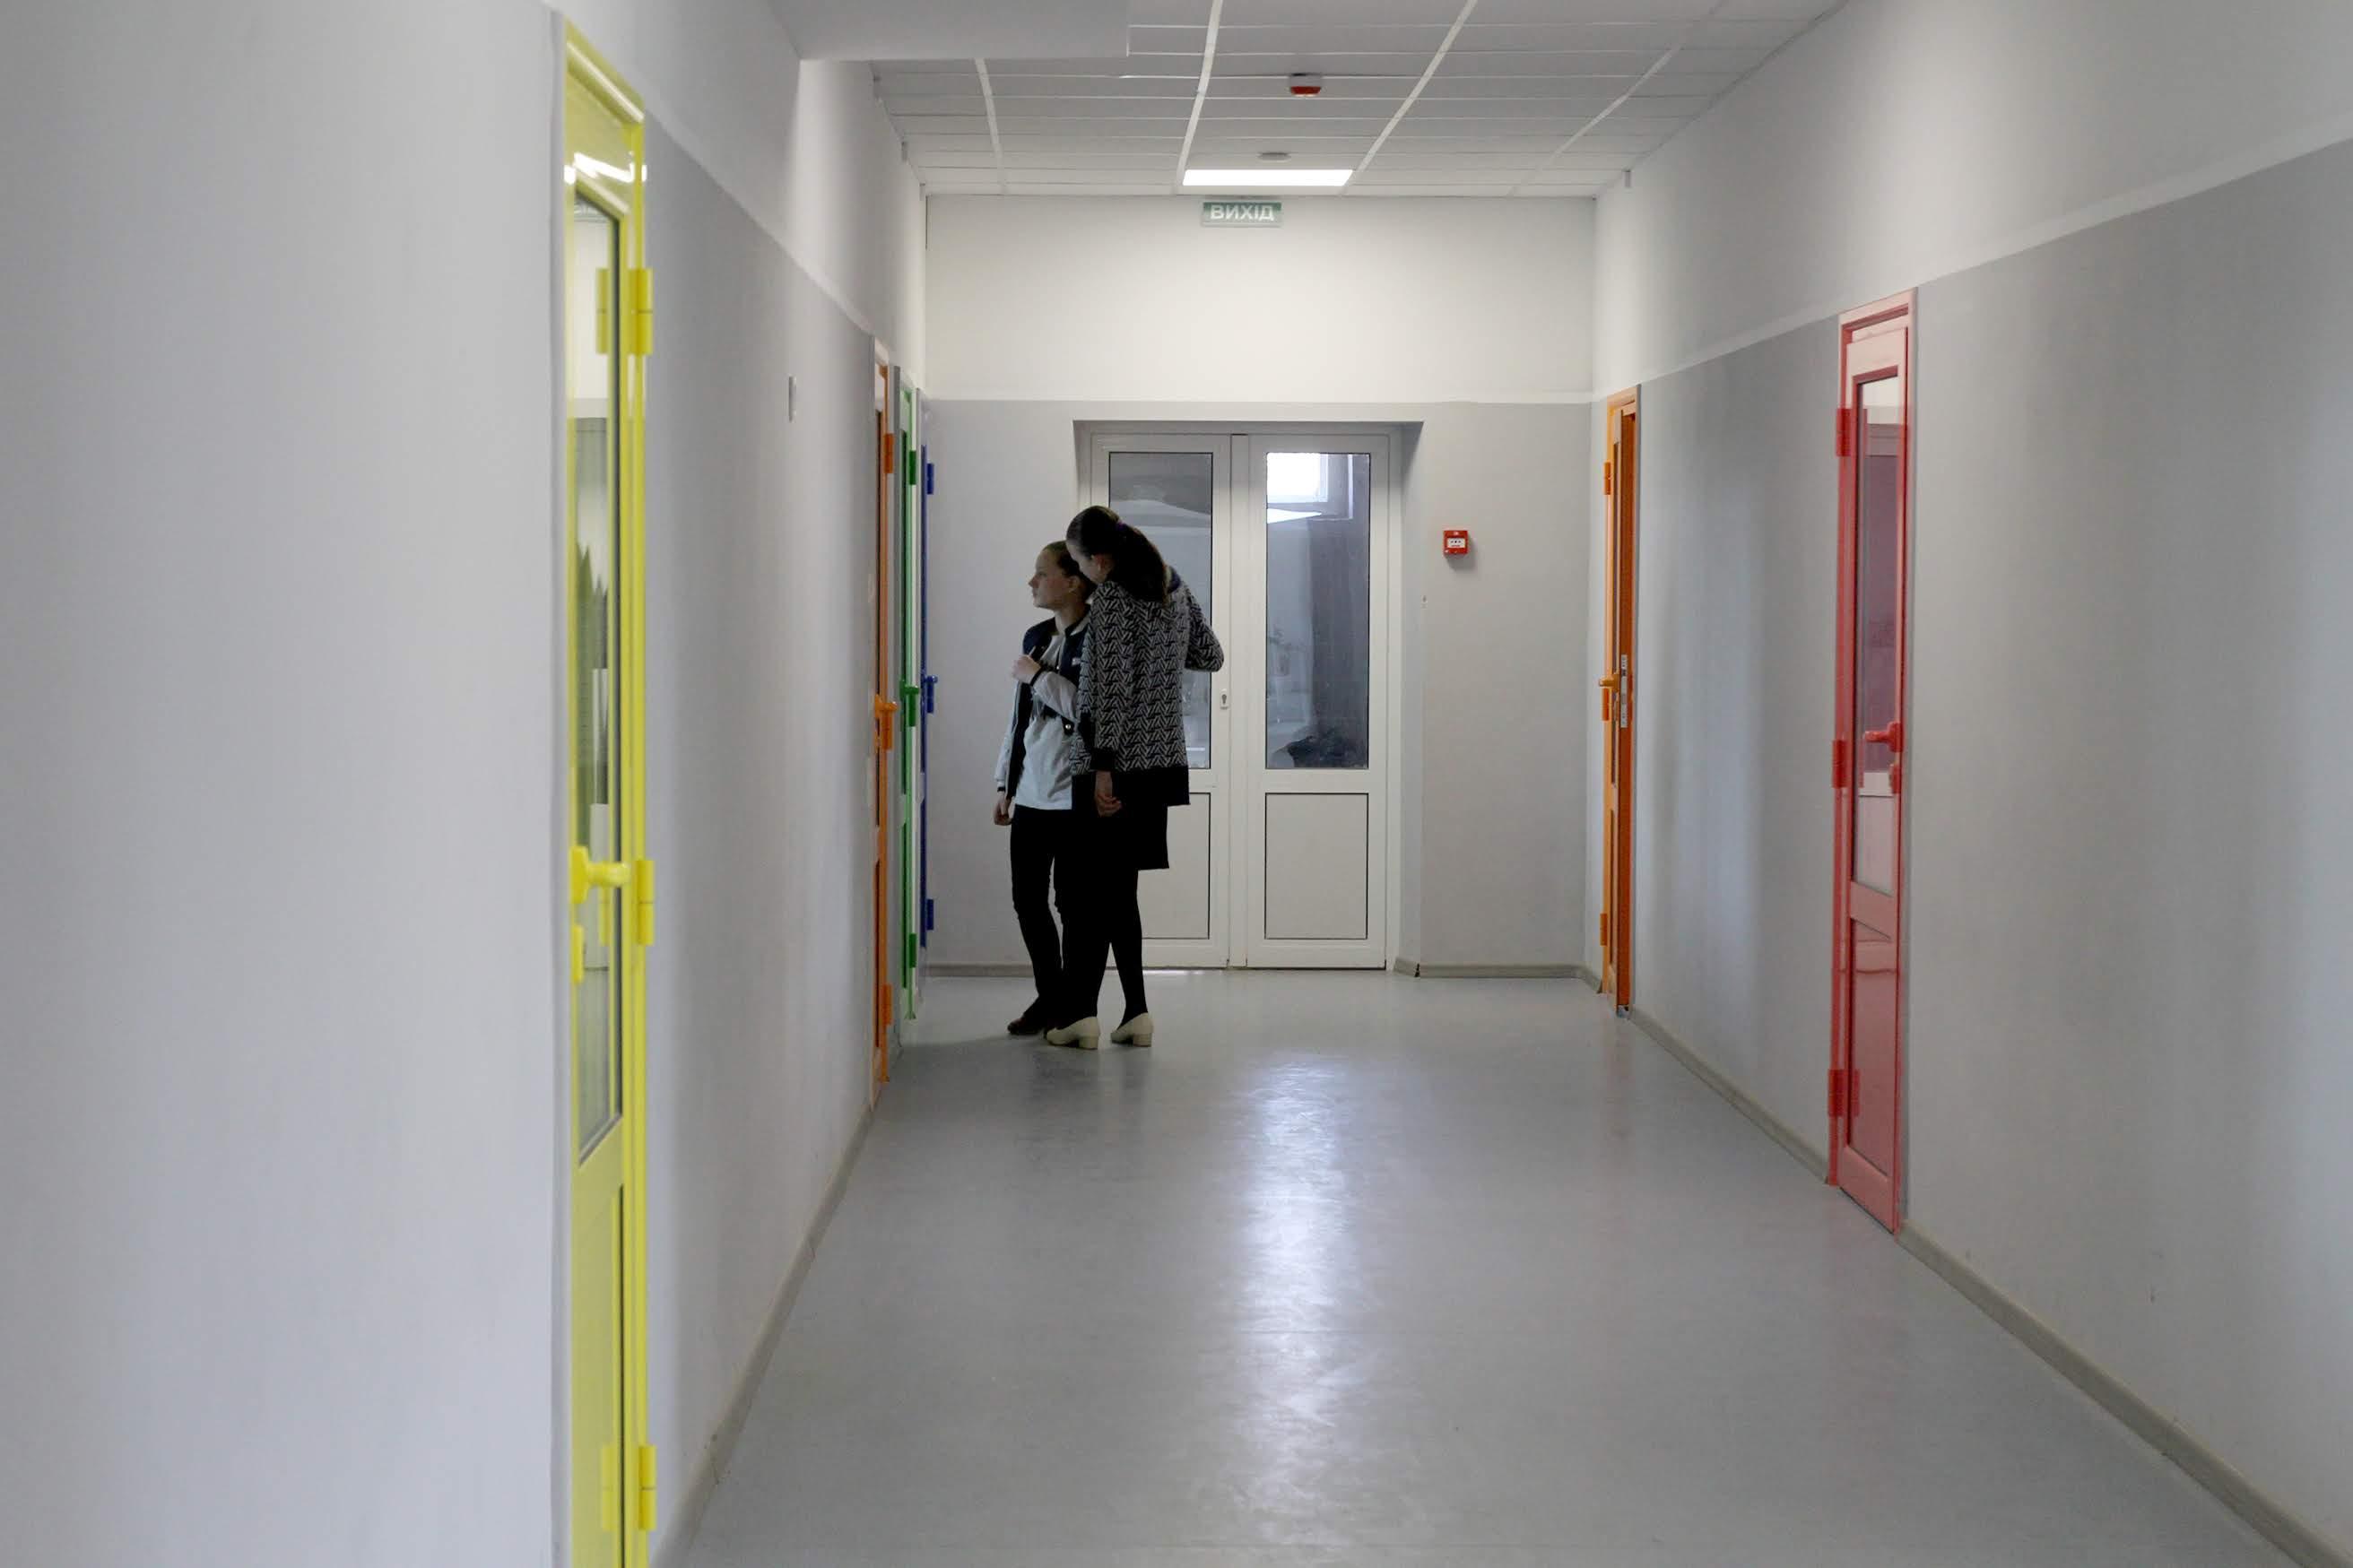 Сучасного вигляду набули коридори